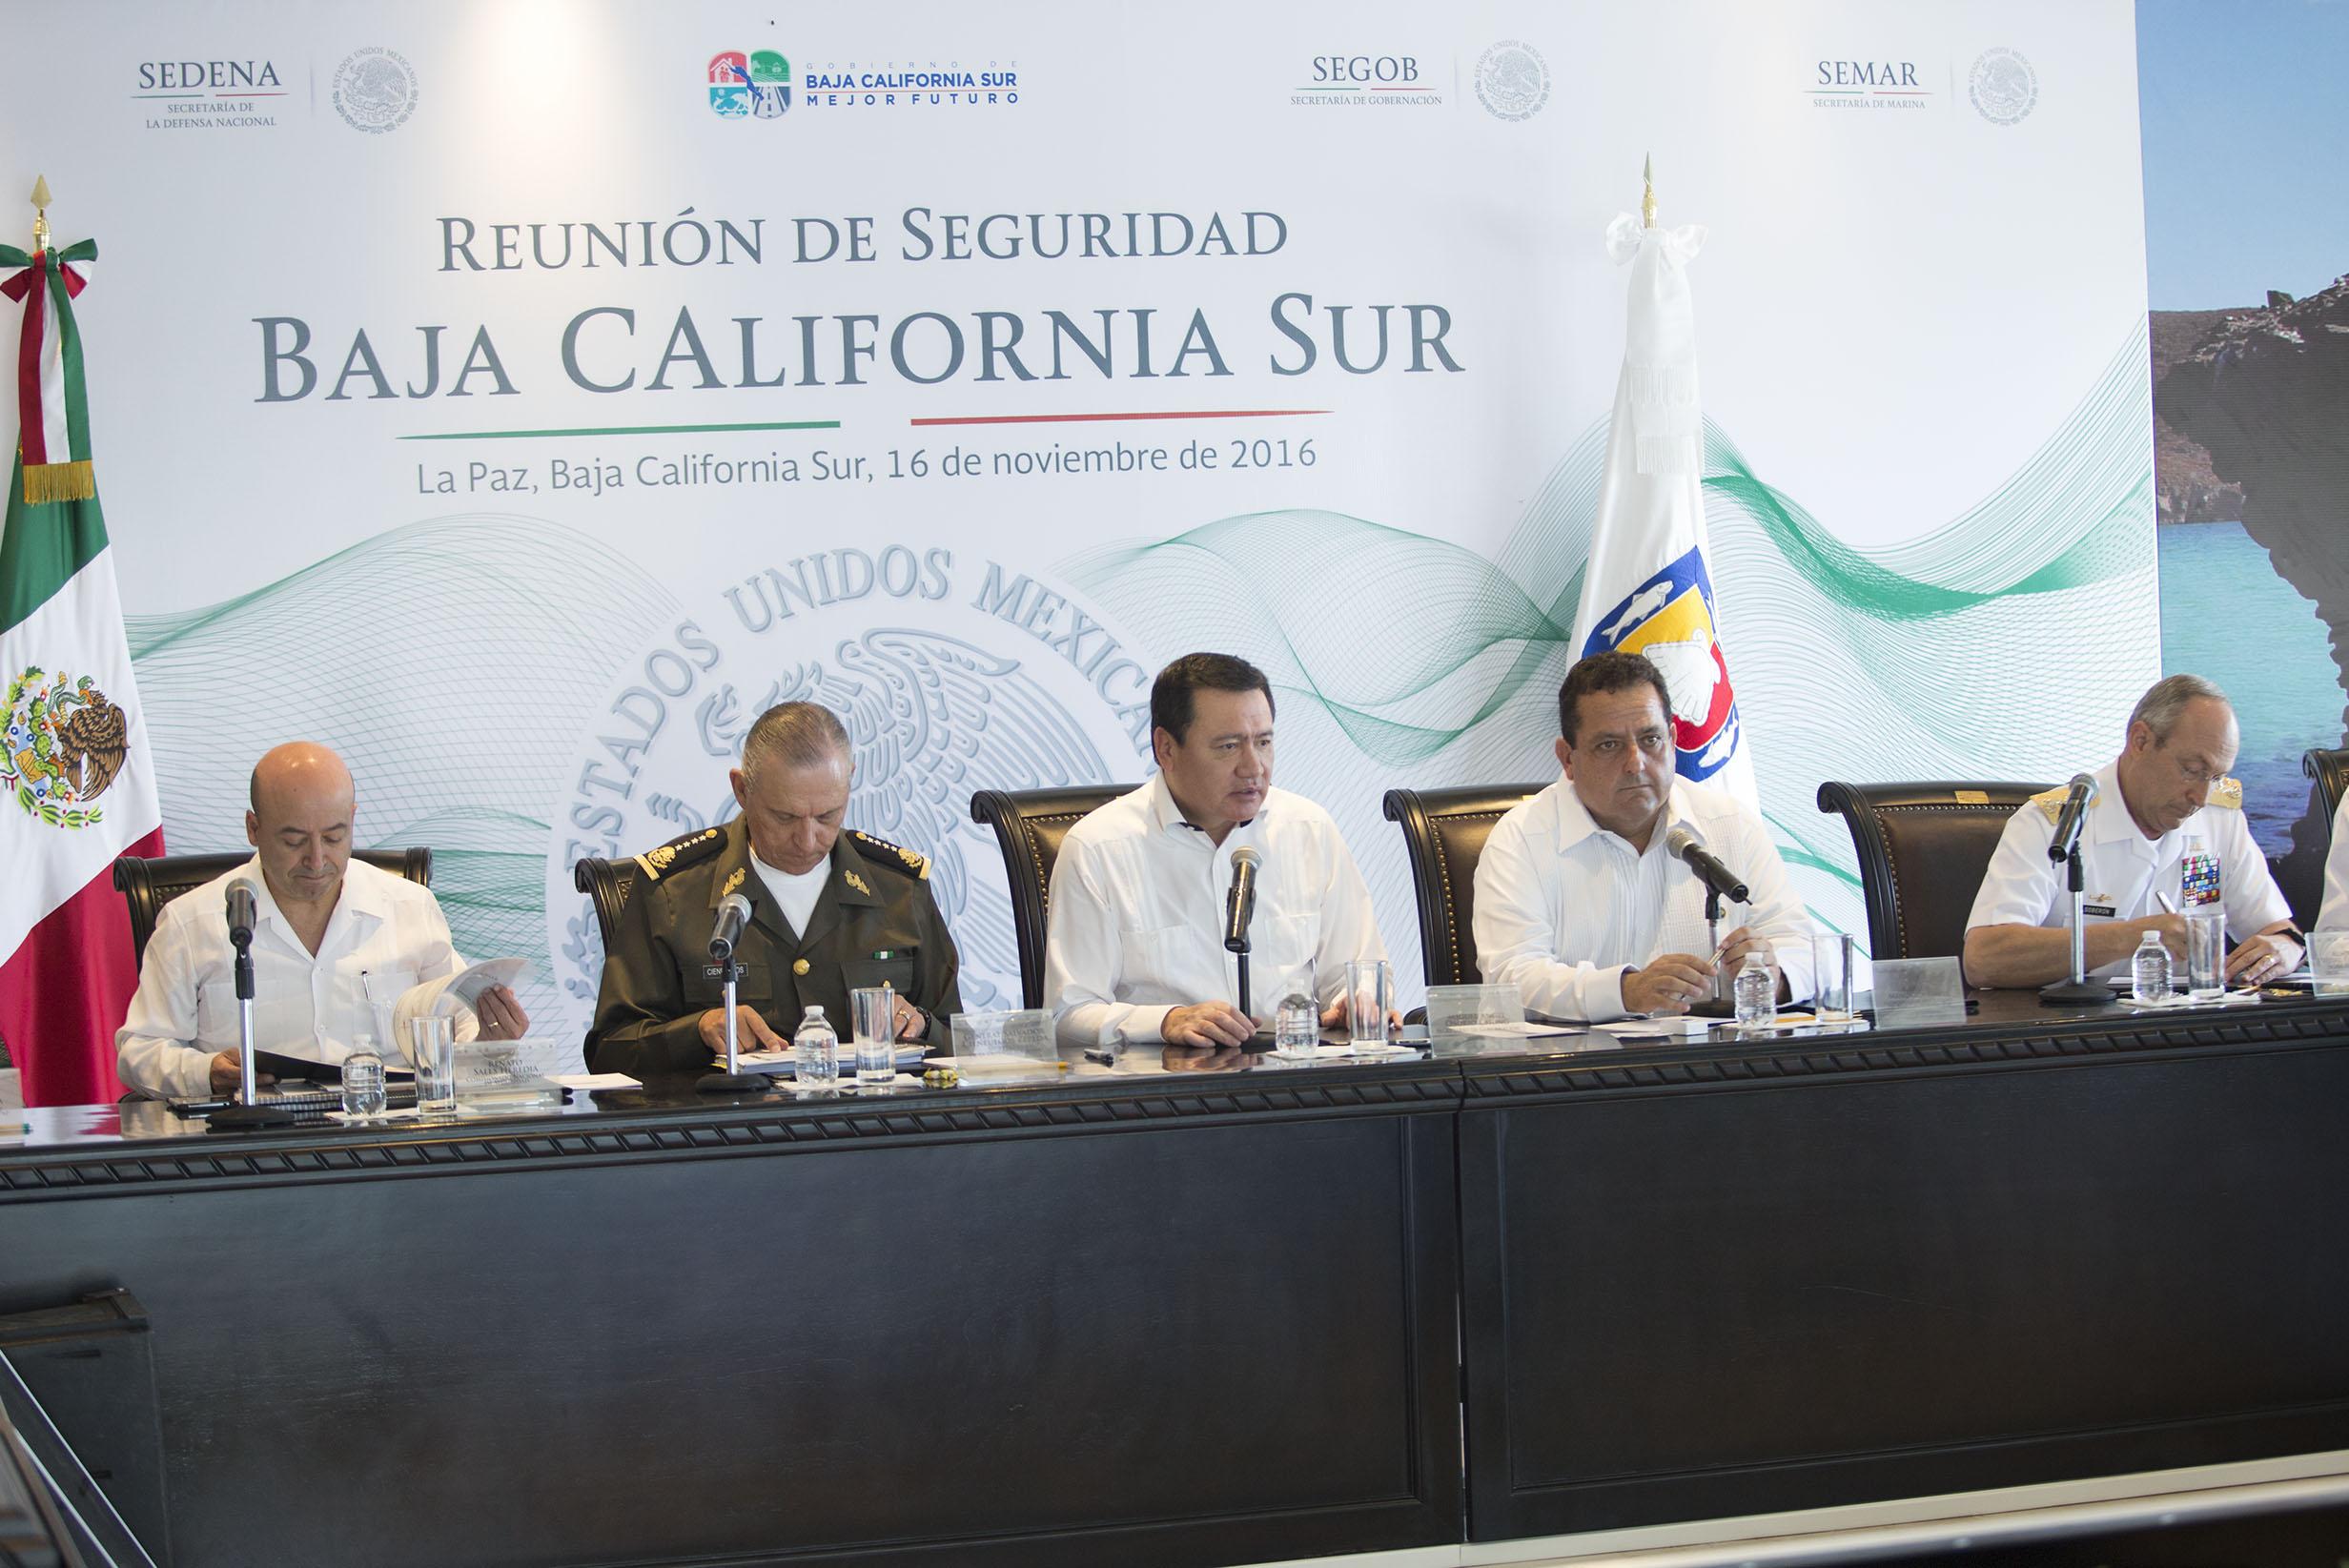 Reunión de Seguridad en la Paz, Baja California Sur